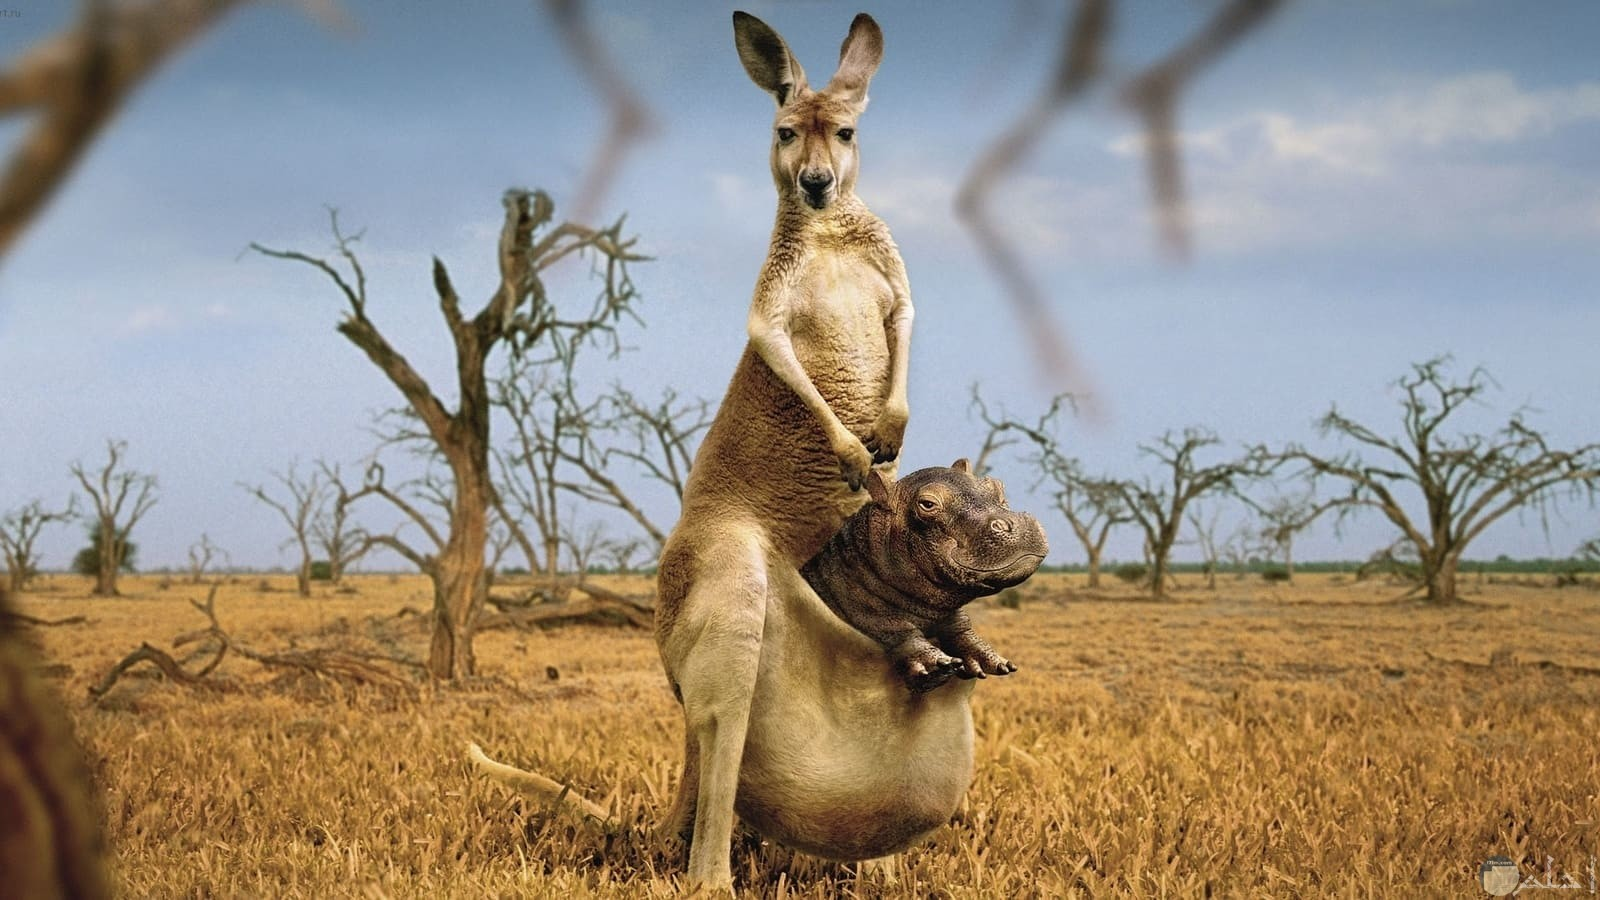 الكنجرو يحمل في كيسه طفل غير طفله.